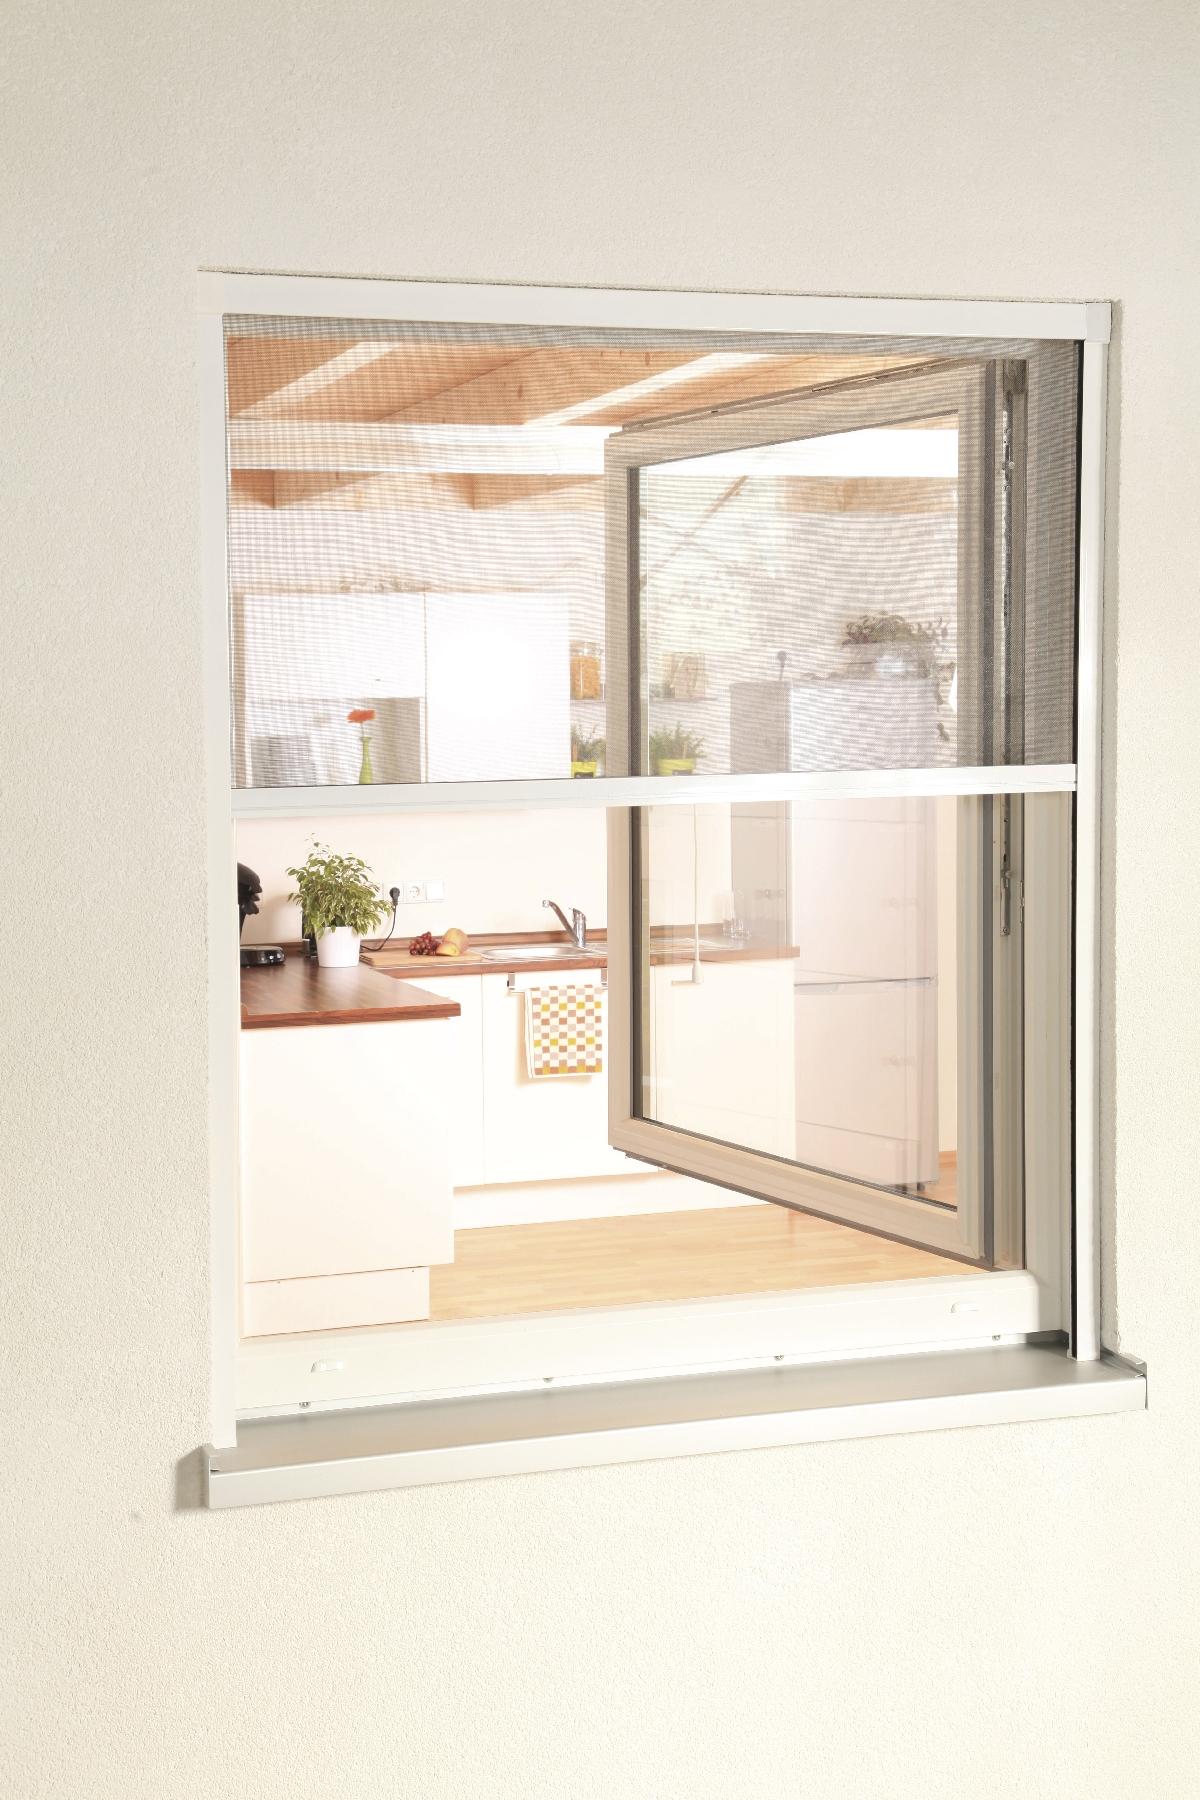 fenster insektenschutz haushalt k che willys fachmarkt. Black Bedroom Furniture Sets. Home Design Ideas